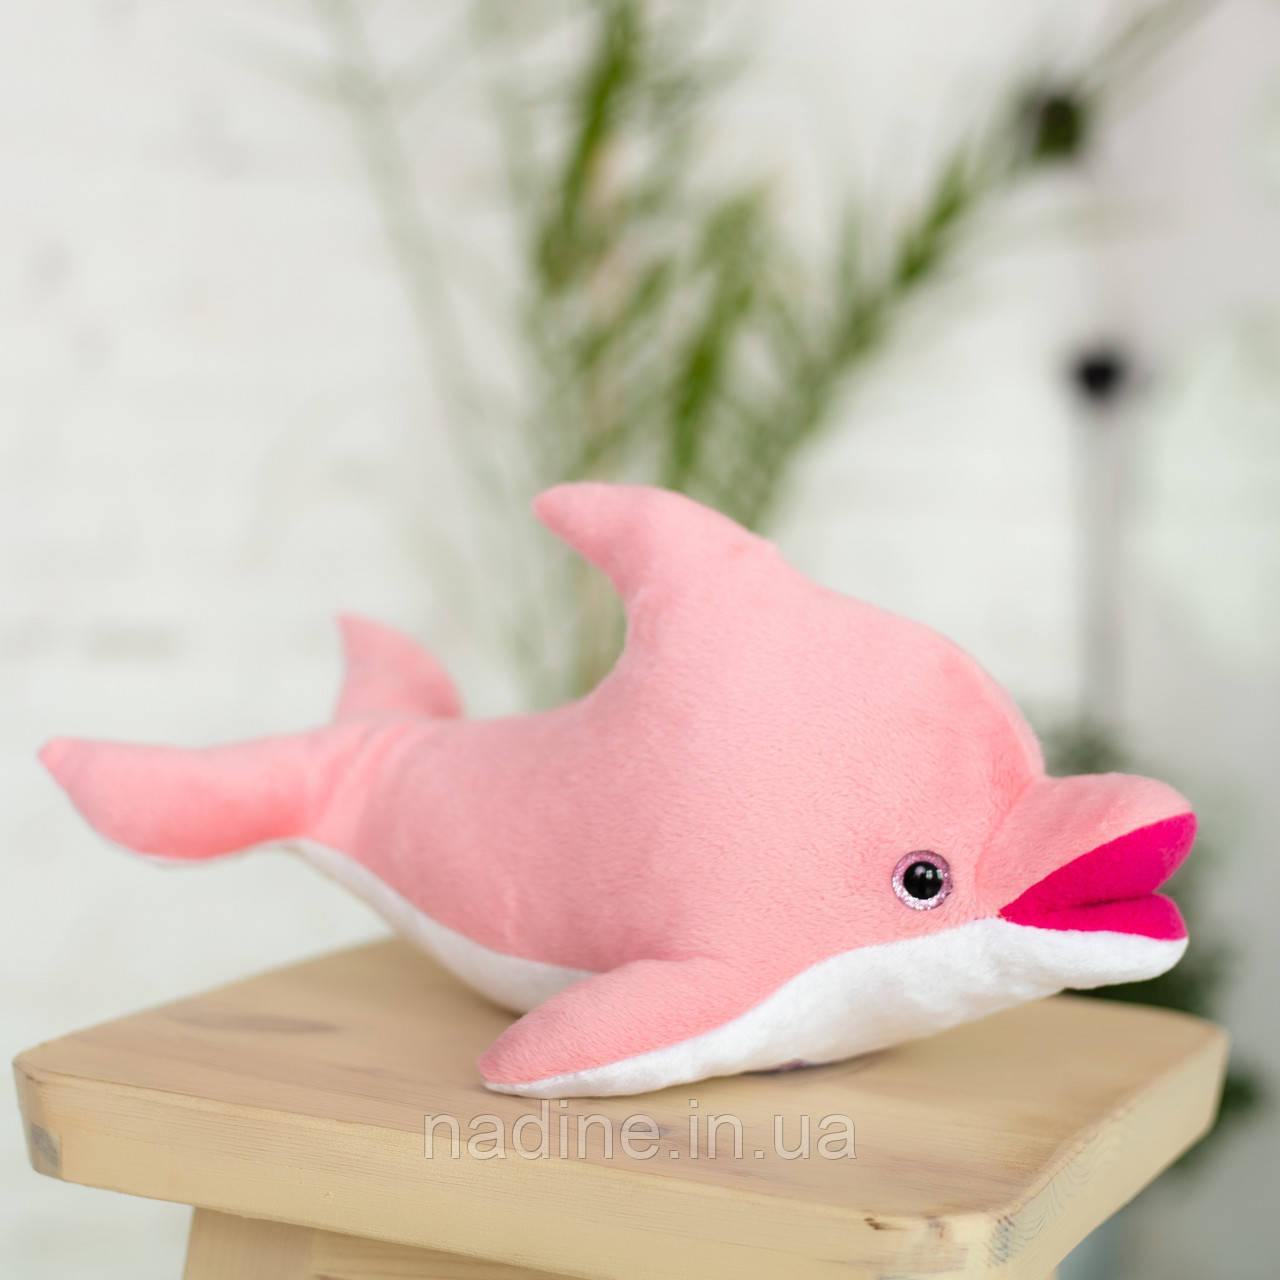 Дельфин игрушка Eirena Nadine (312-R-30) плюшевый 30 см розовый